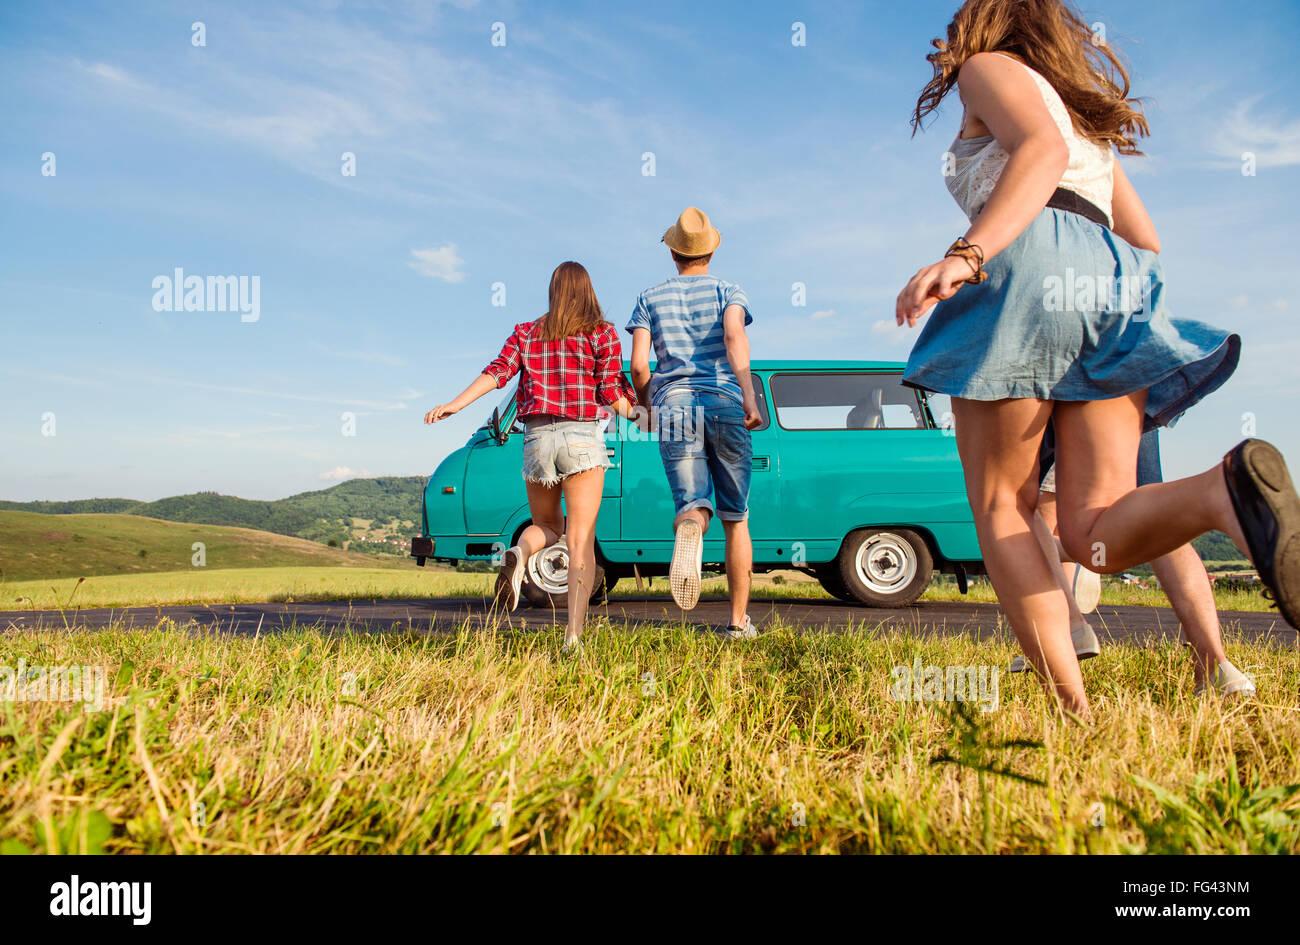 Verliebte Paare, außerhalb laufen, gegen blauen Himmel Stockbild